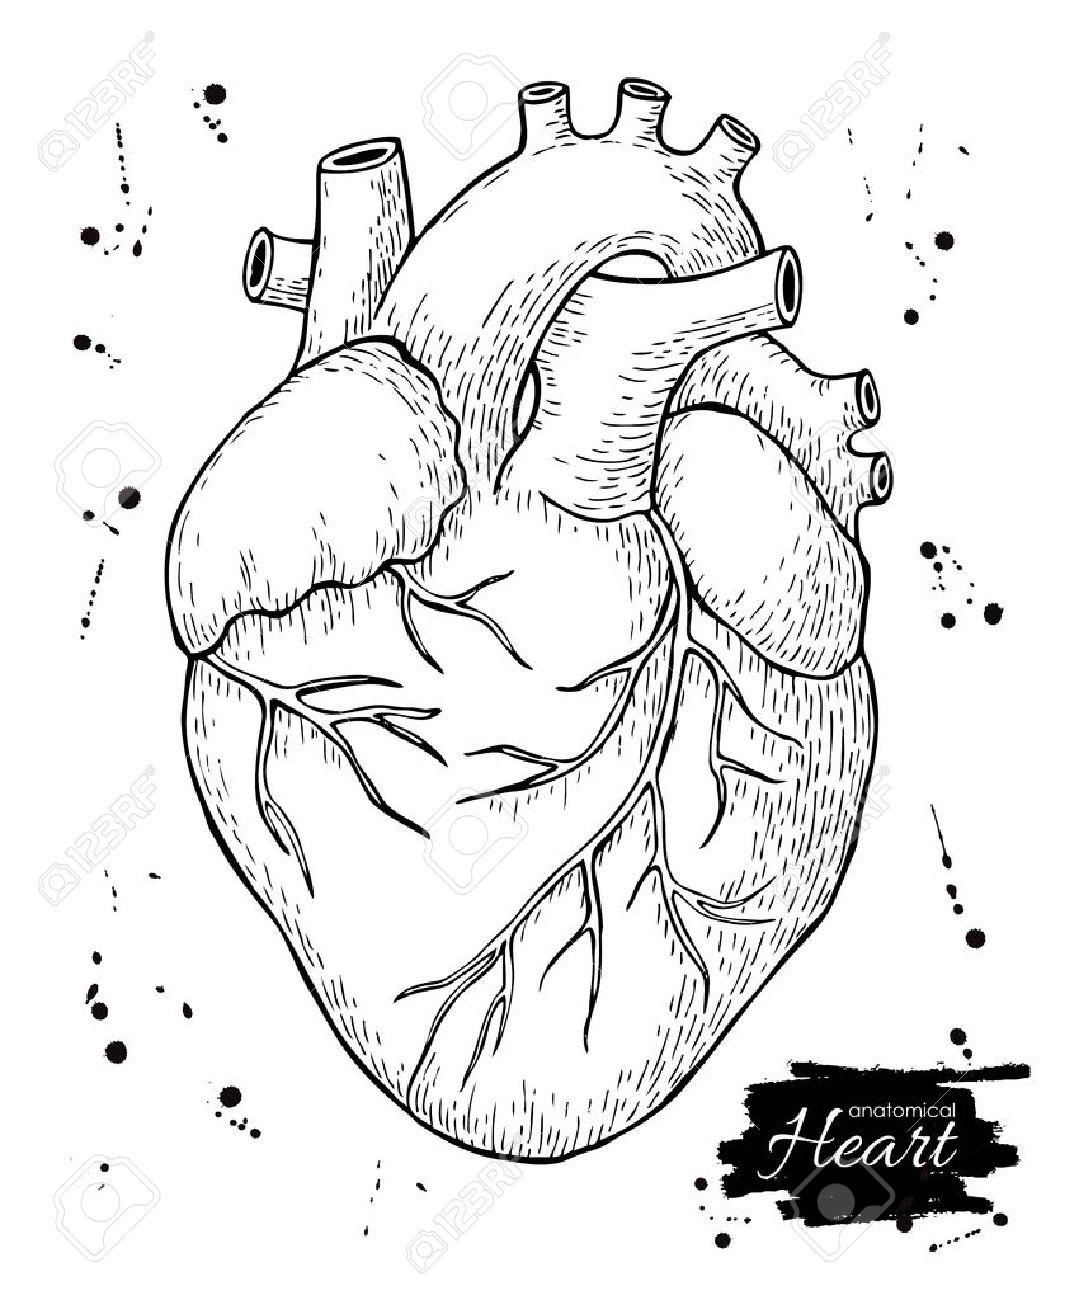 Real Heart Drawing At Getdrawings